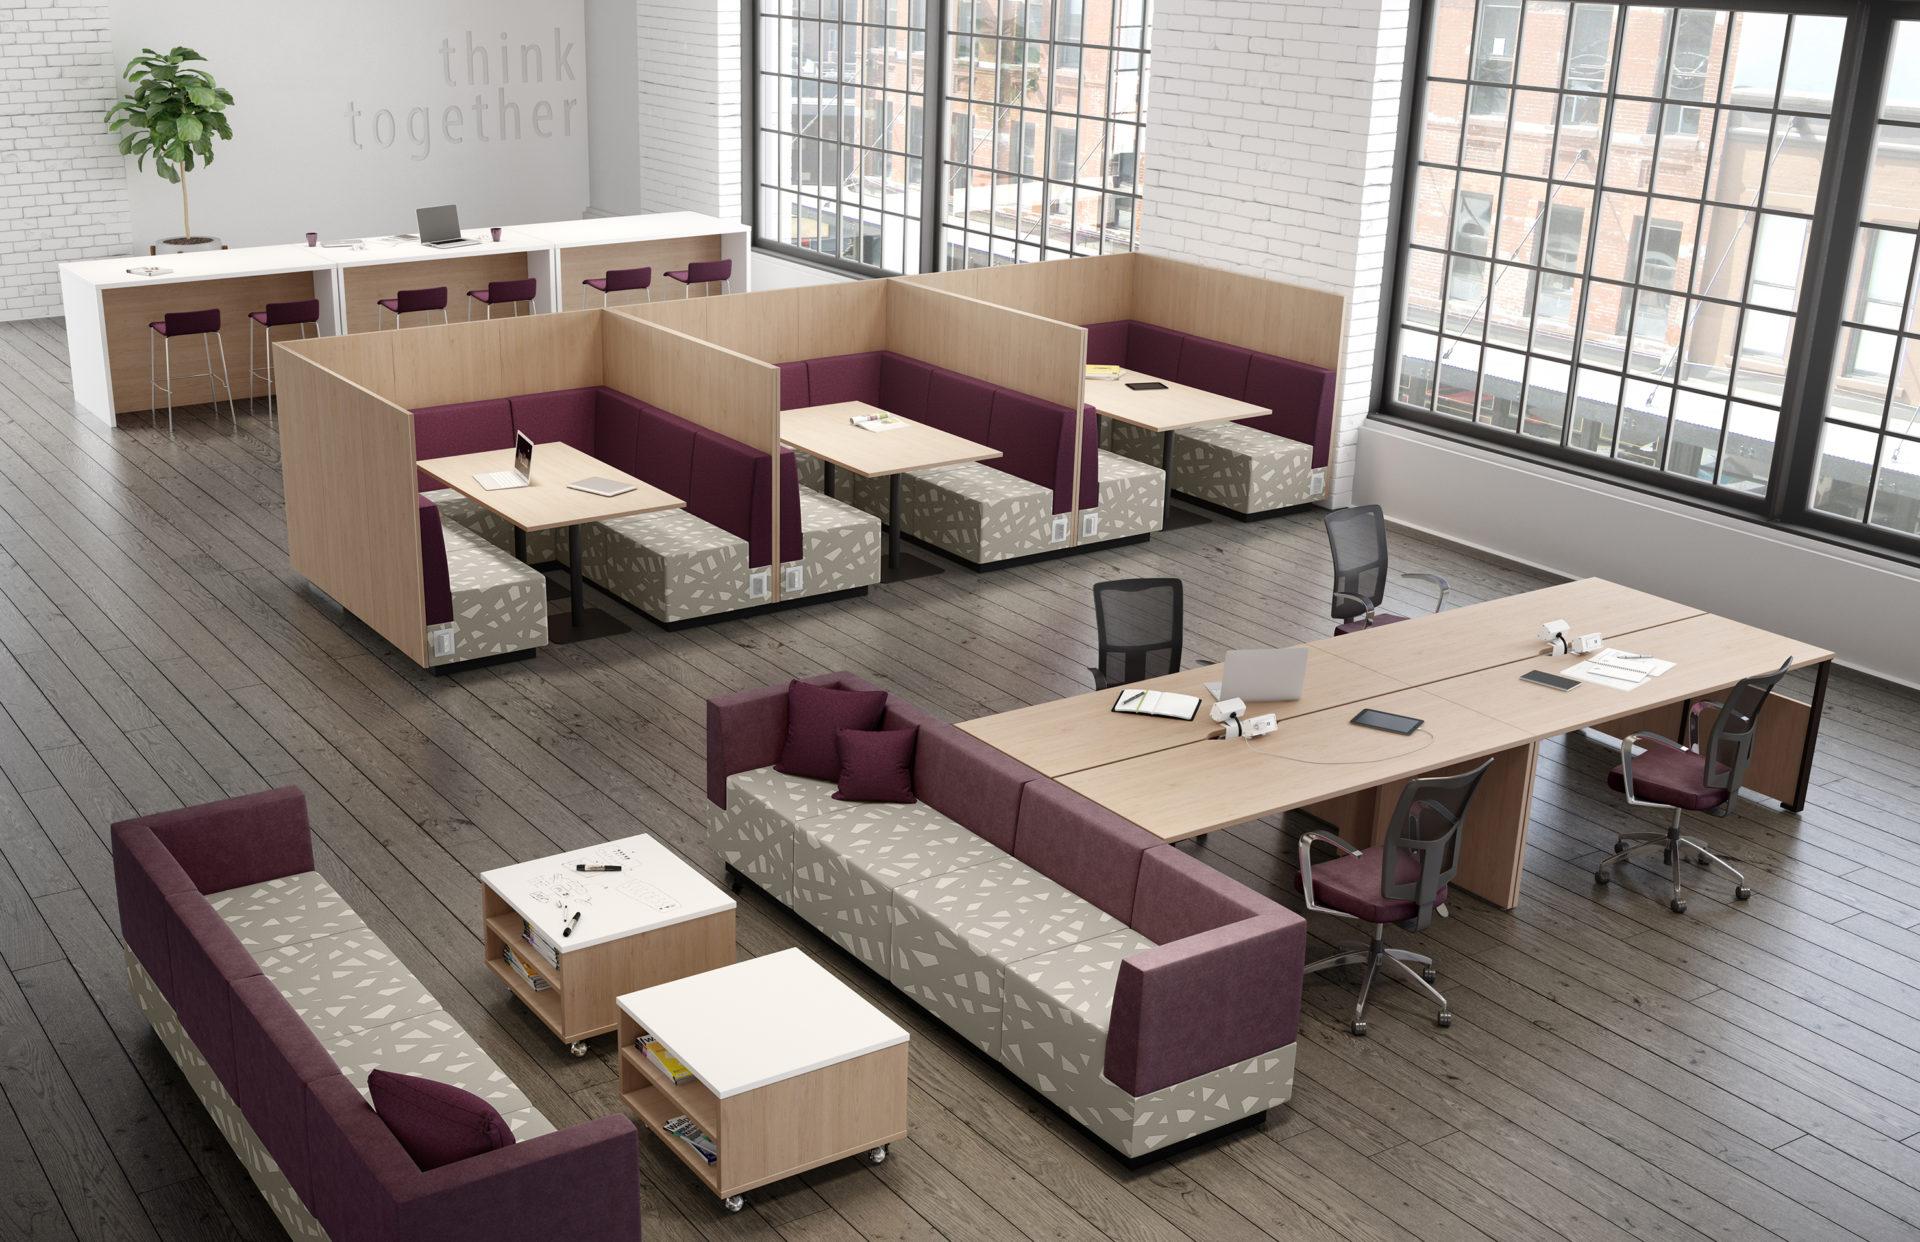 Magasin meubles usagés sherbrooke meuble leon sherbrooke circulaire